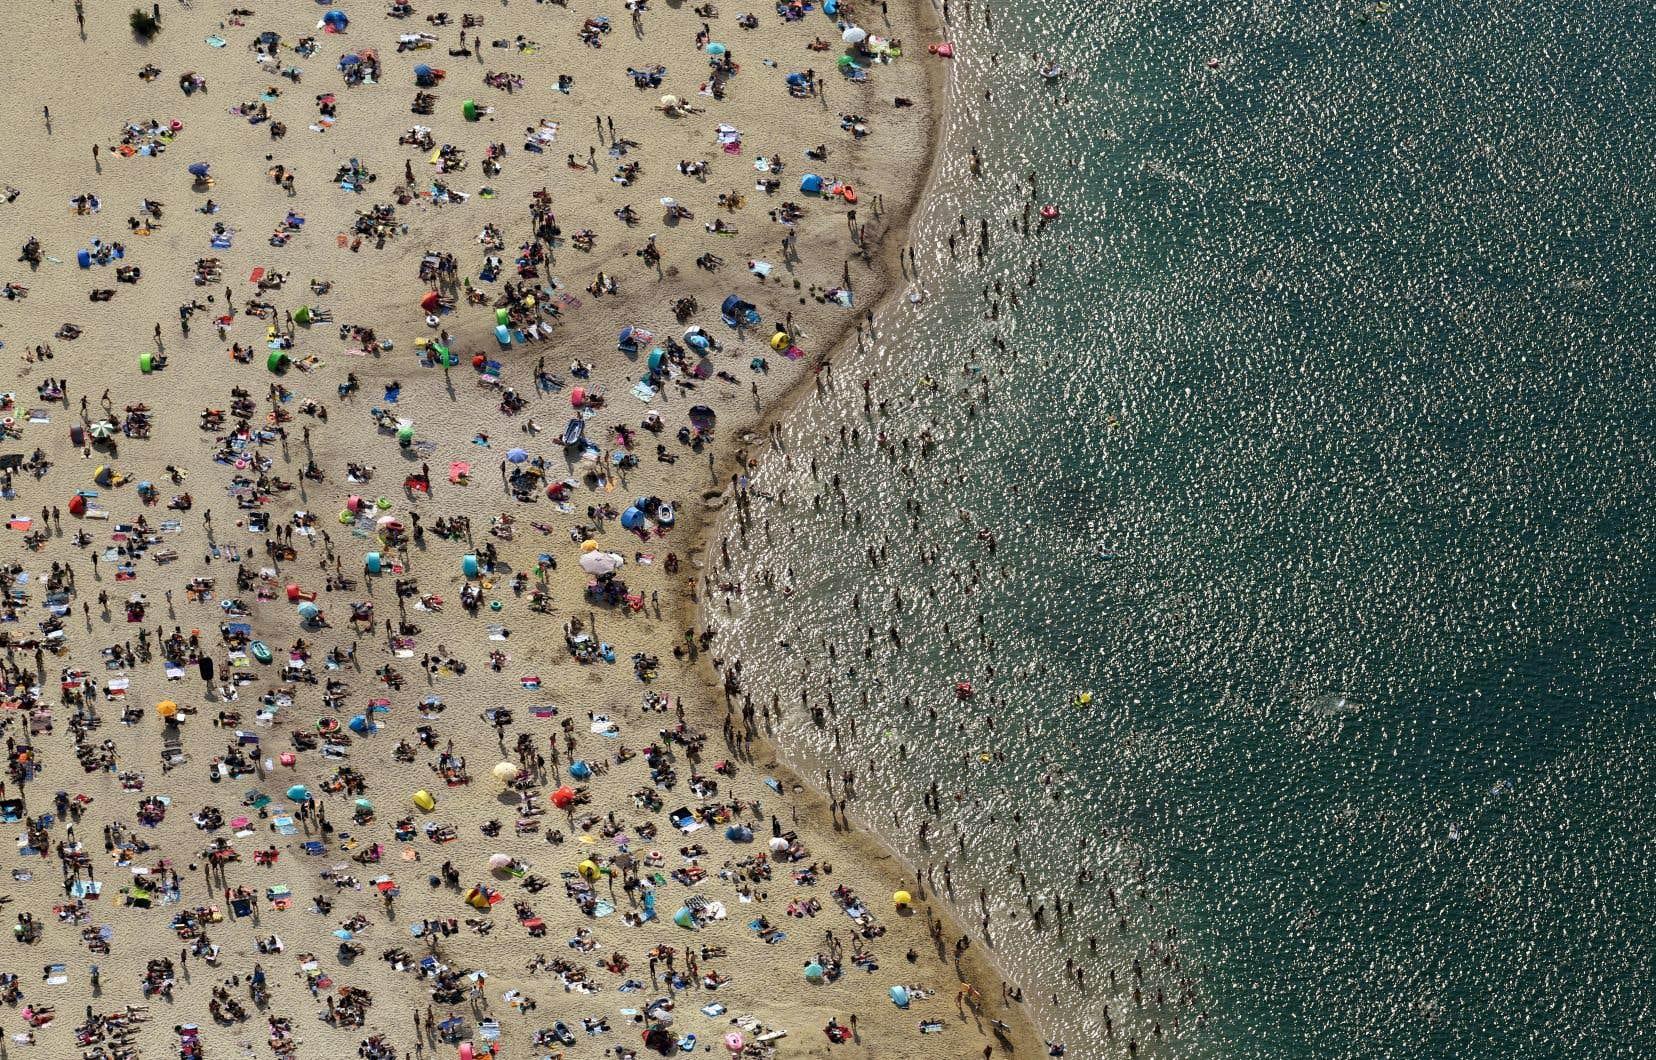 Le record de température enregistrée en juin a été battu en Allemagne, où les citoyens ont envahi les plages pour se rafraîchir.